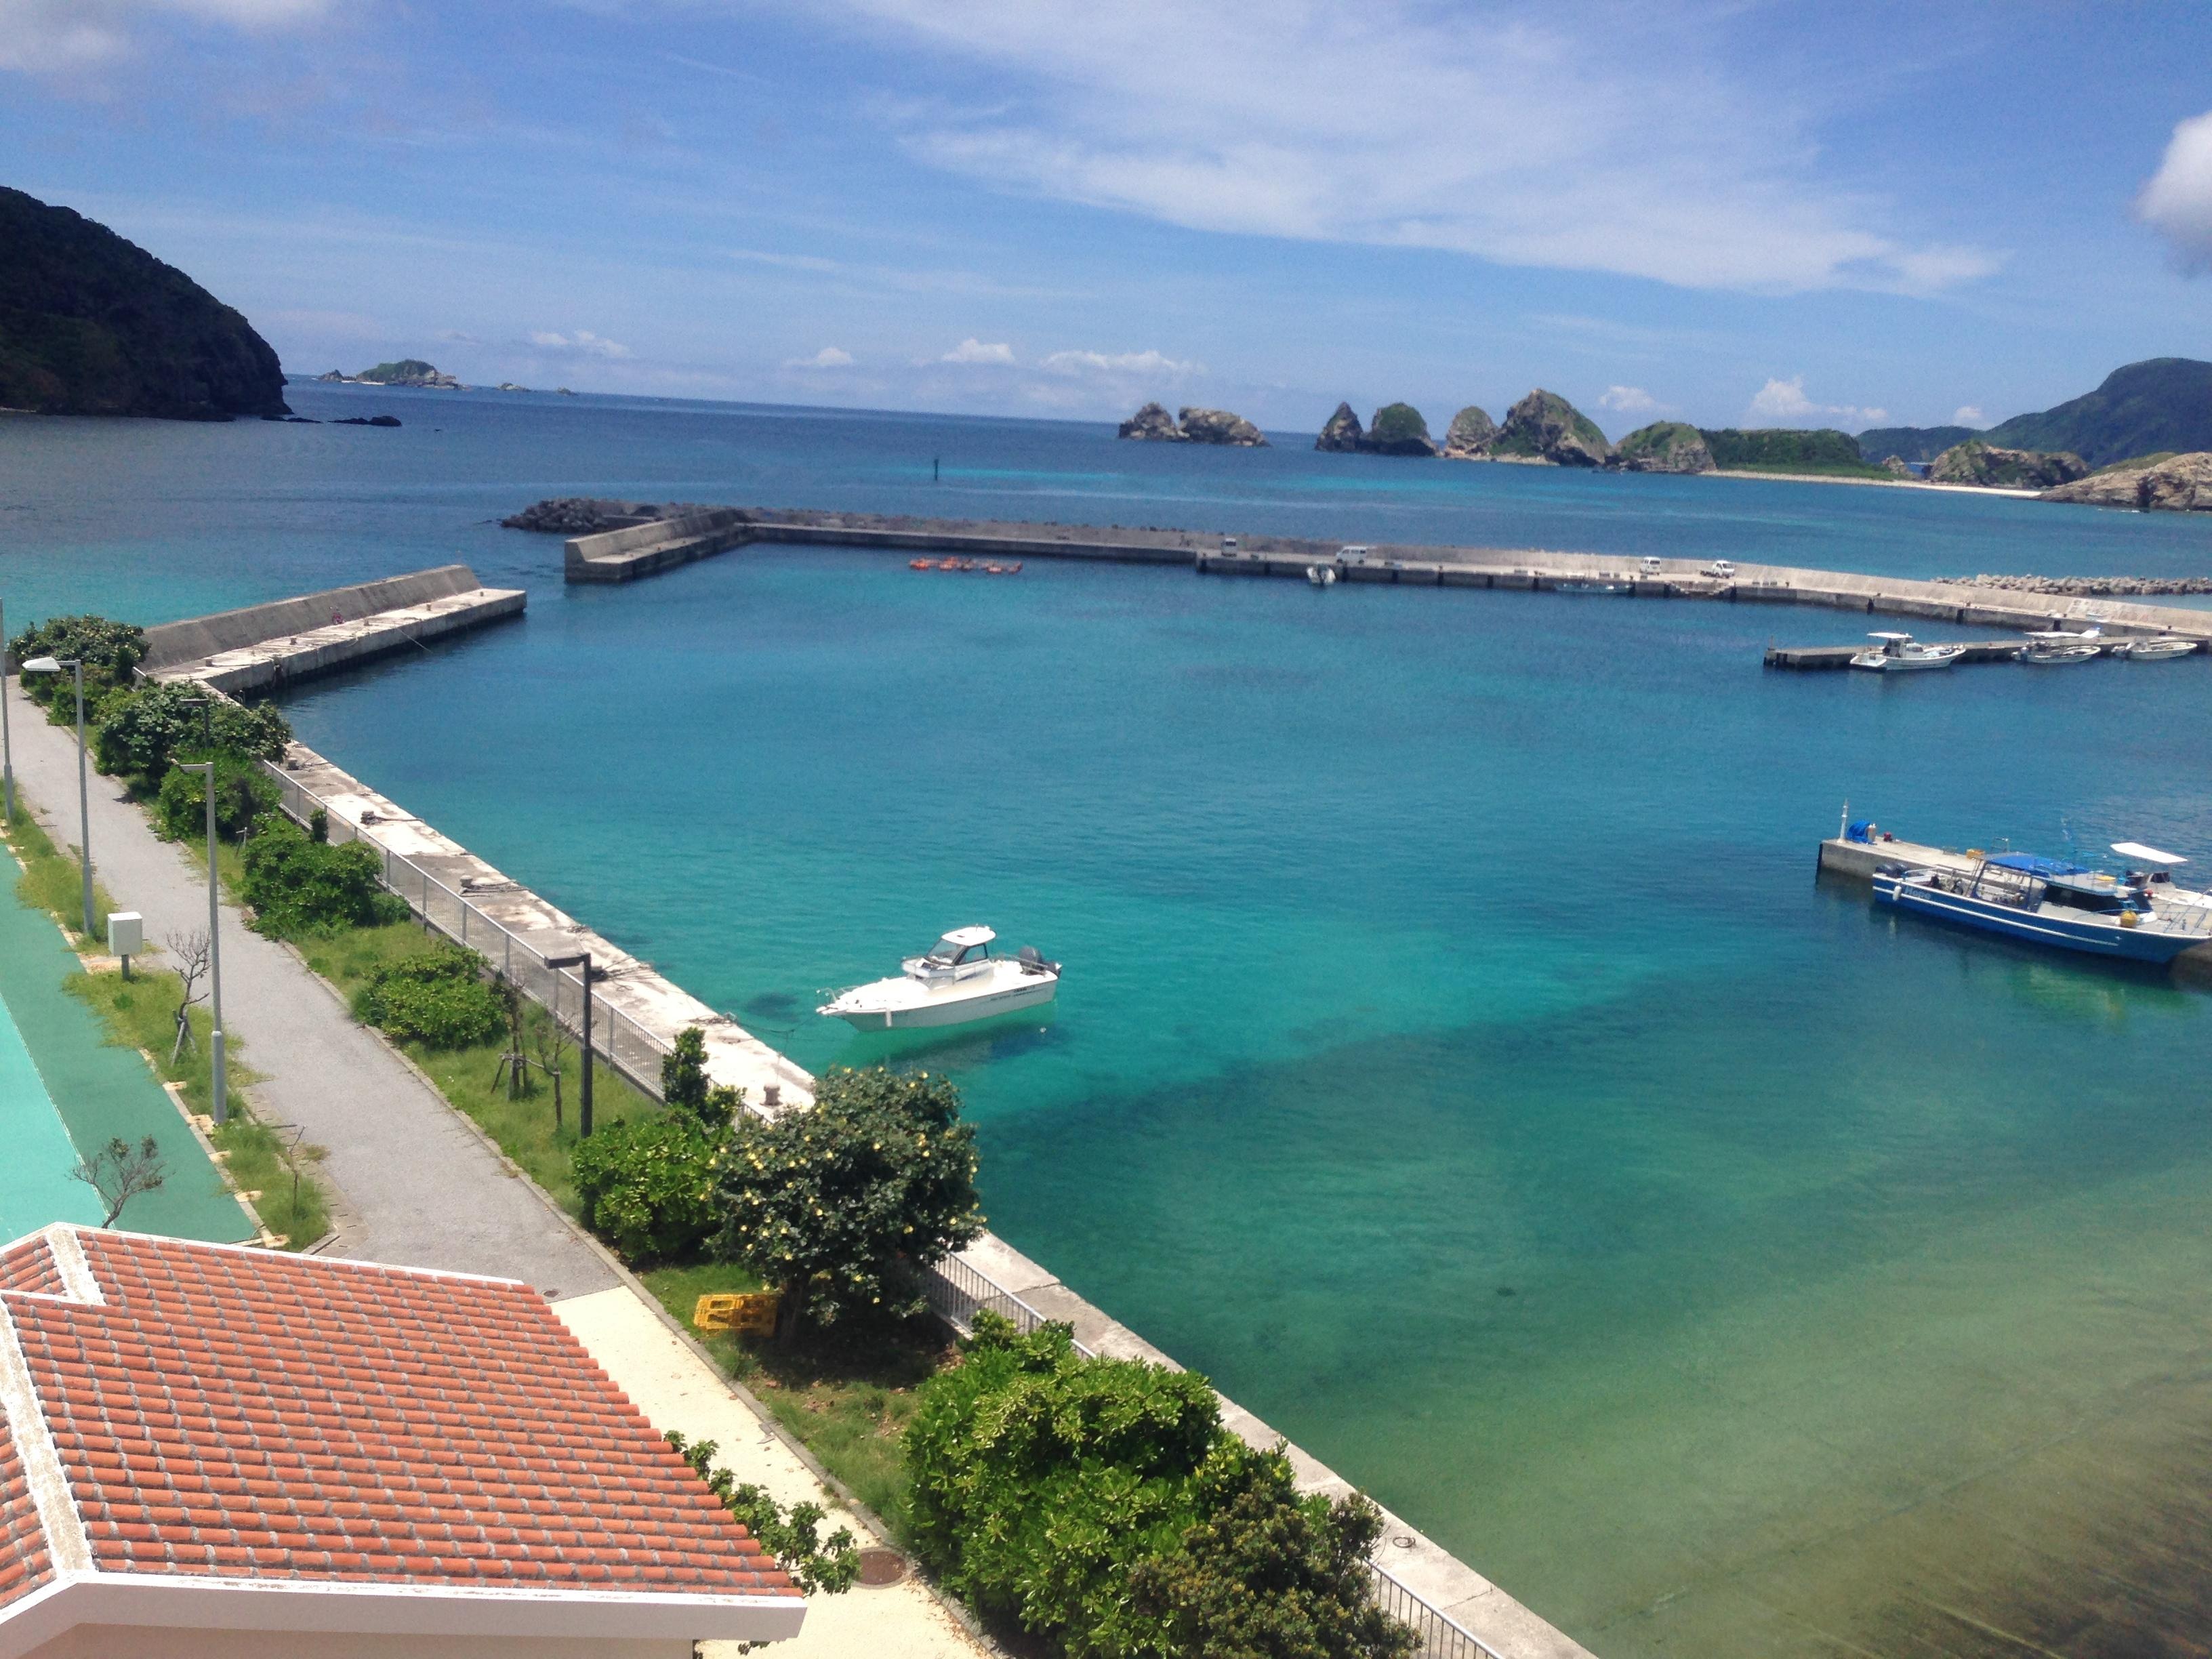 沖縄旅行の計画の立て方は?行くなら何泊ぐらいがおすすめかもご紹介!